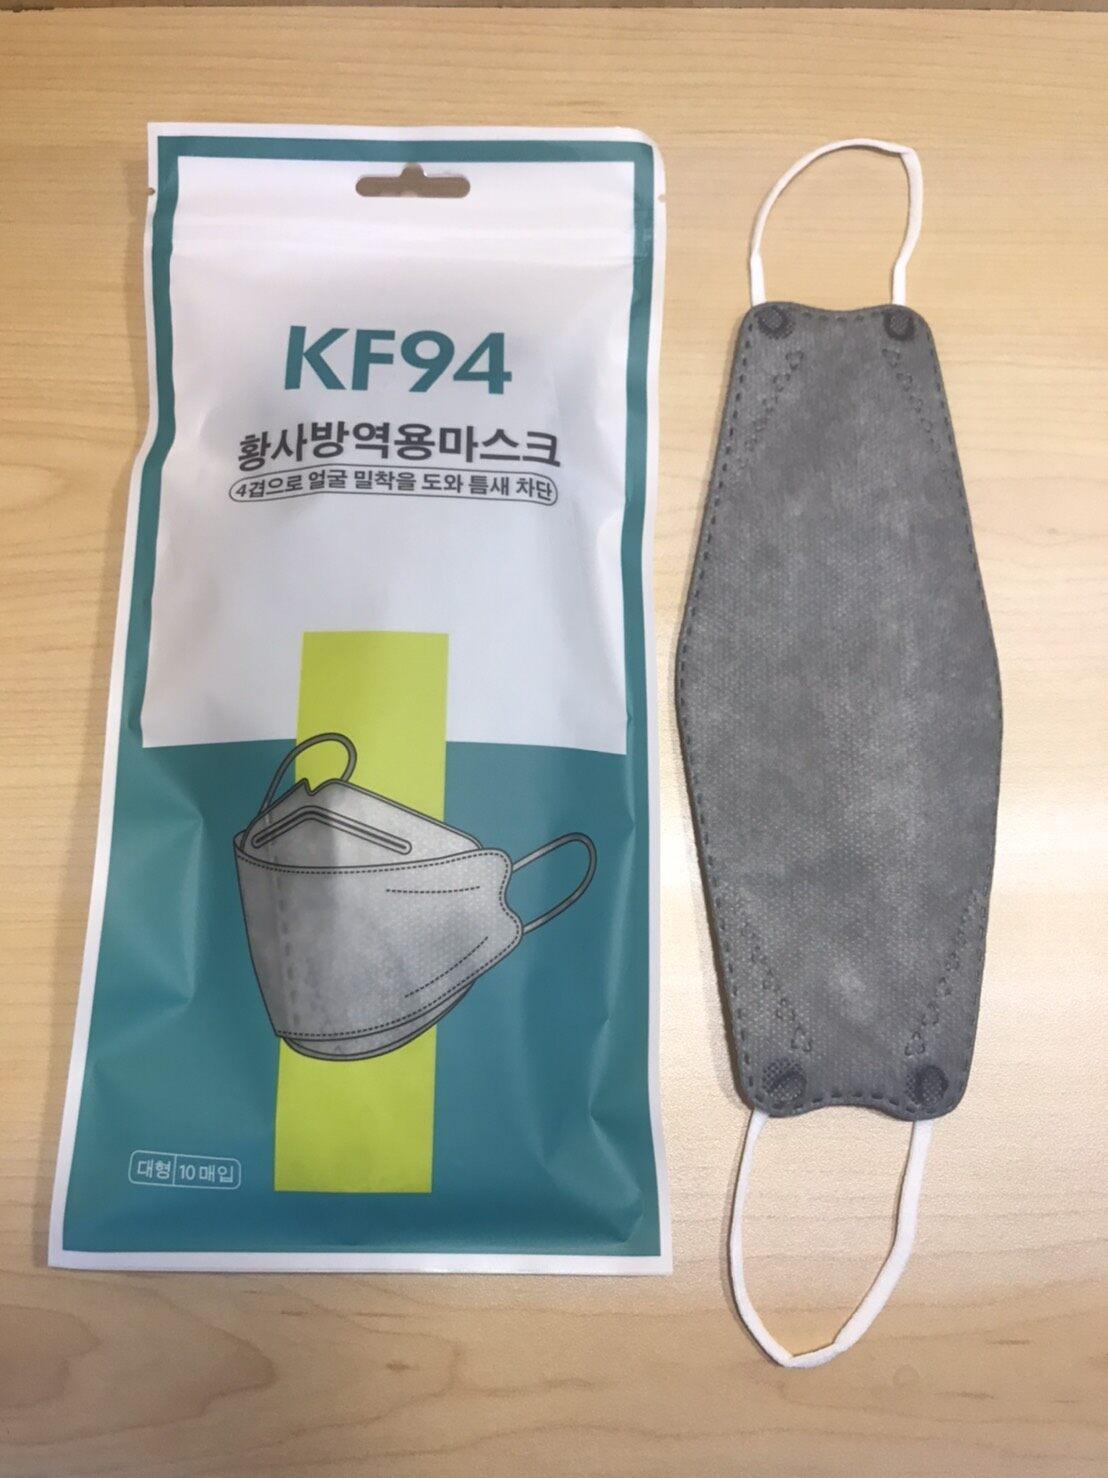 หน้ากากอนามัย KF94 กันฝุ่น กันเชื้อโรค 1 แพ็ก 10 ชิ้น / แอลกอฮอล์แบบขวด 100 ml.